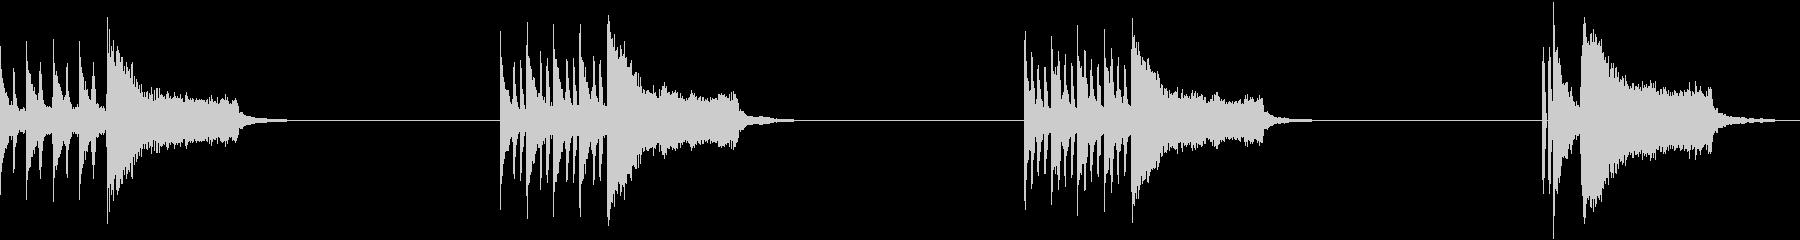 エンディングヒット、4バージョン、...の未再生の波形